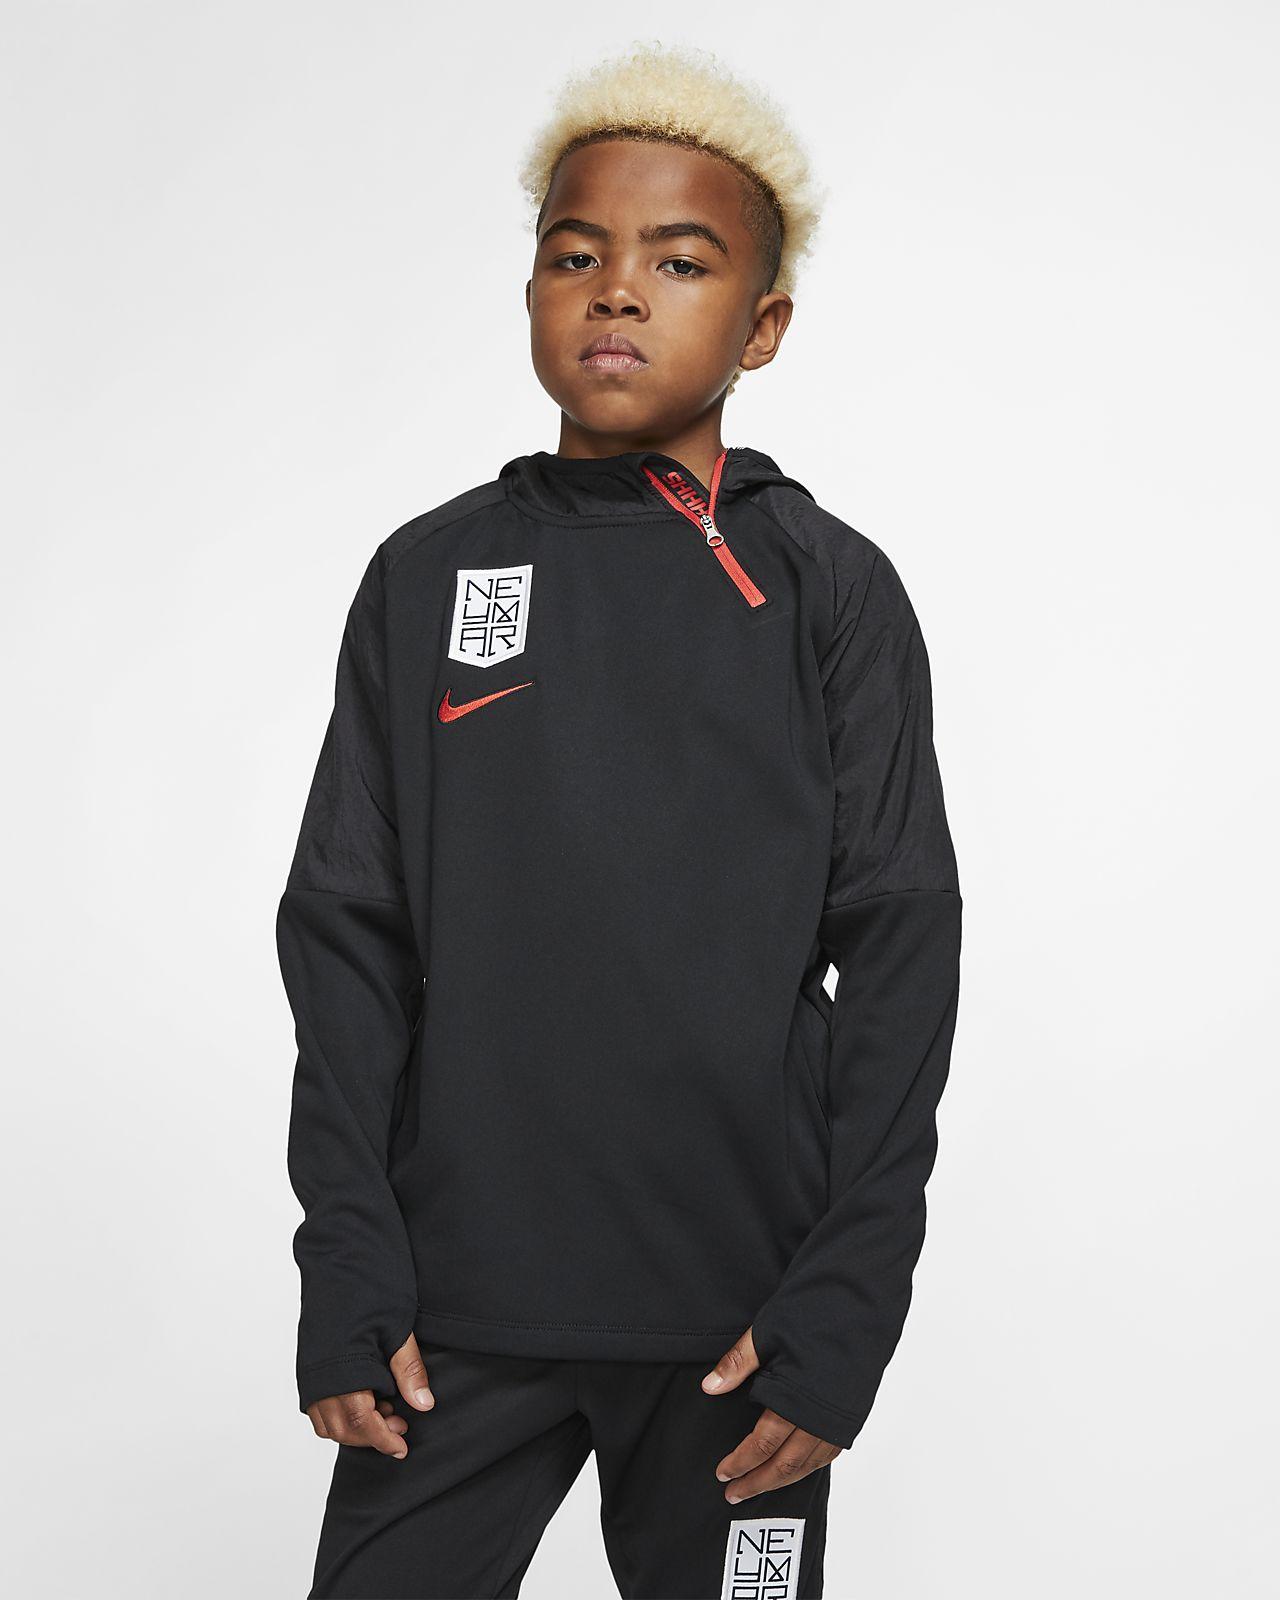 Nike Dri-FIT Neymar Jr. Voetbalhoodie voor kids